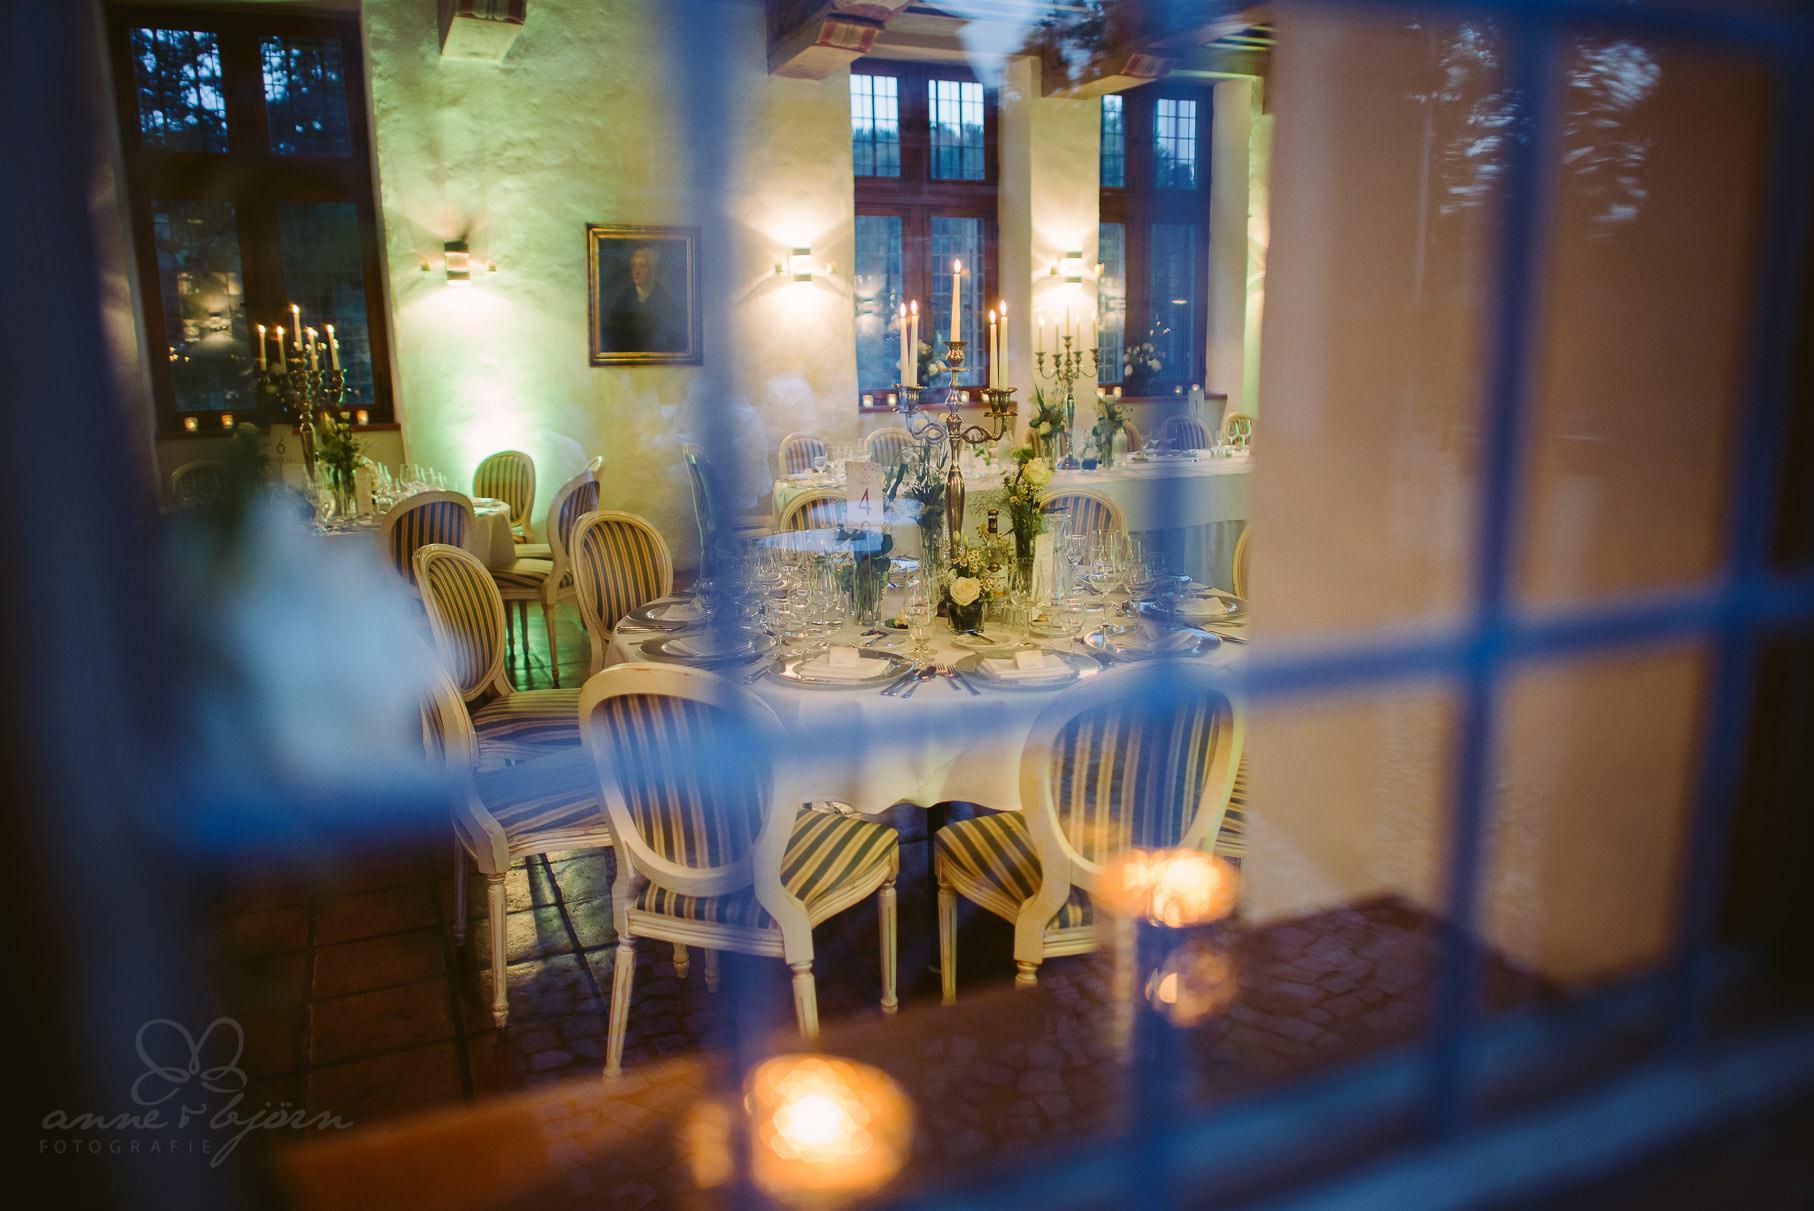 0055 euo 812 1720 - Hochzeit im Schloss Reinbek - Elvira & Olaf